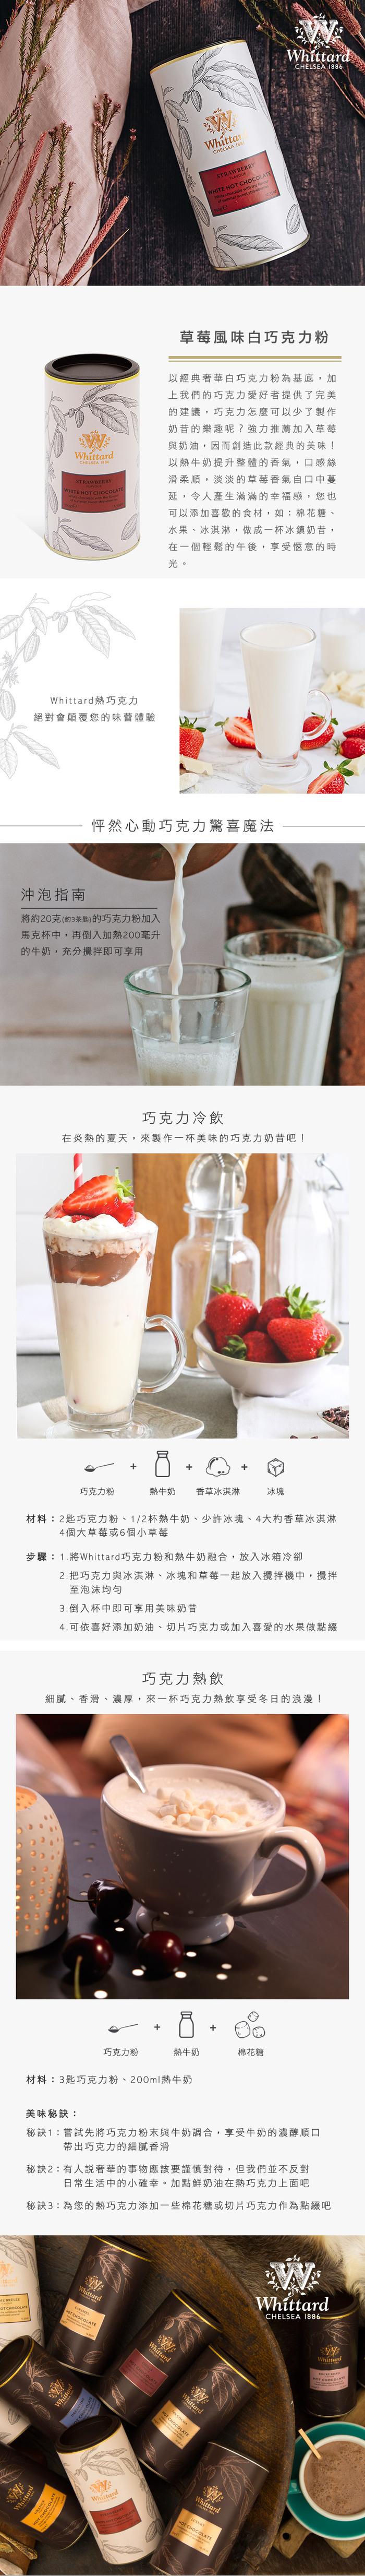 (複製)Whittard | 限量版 櫻桃布朗尼風味巧克力粉